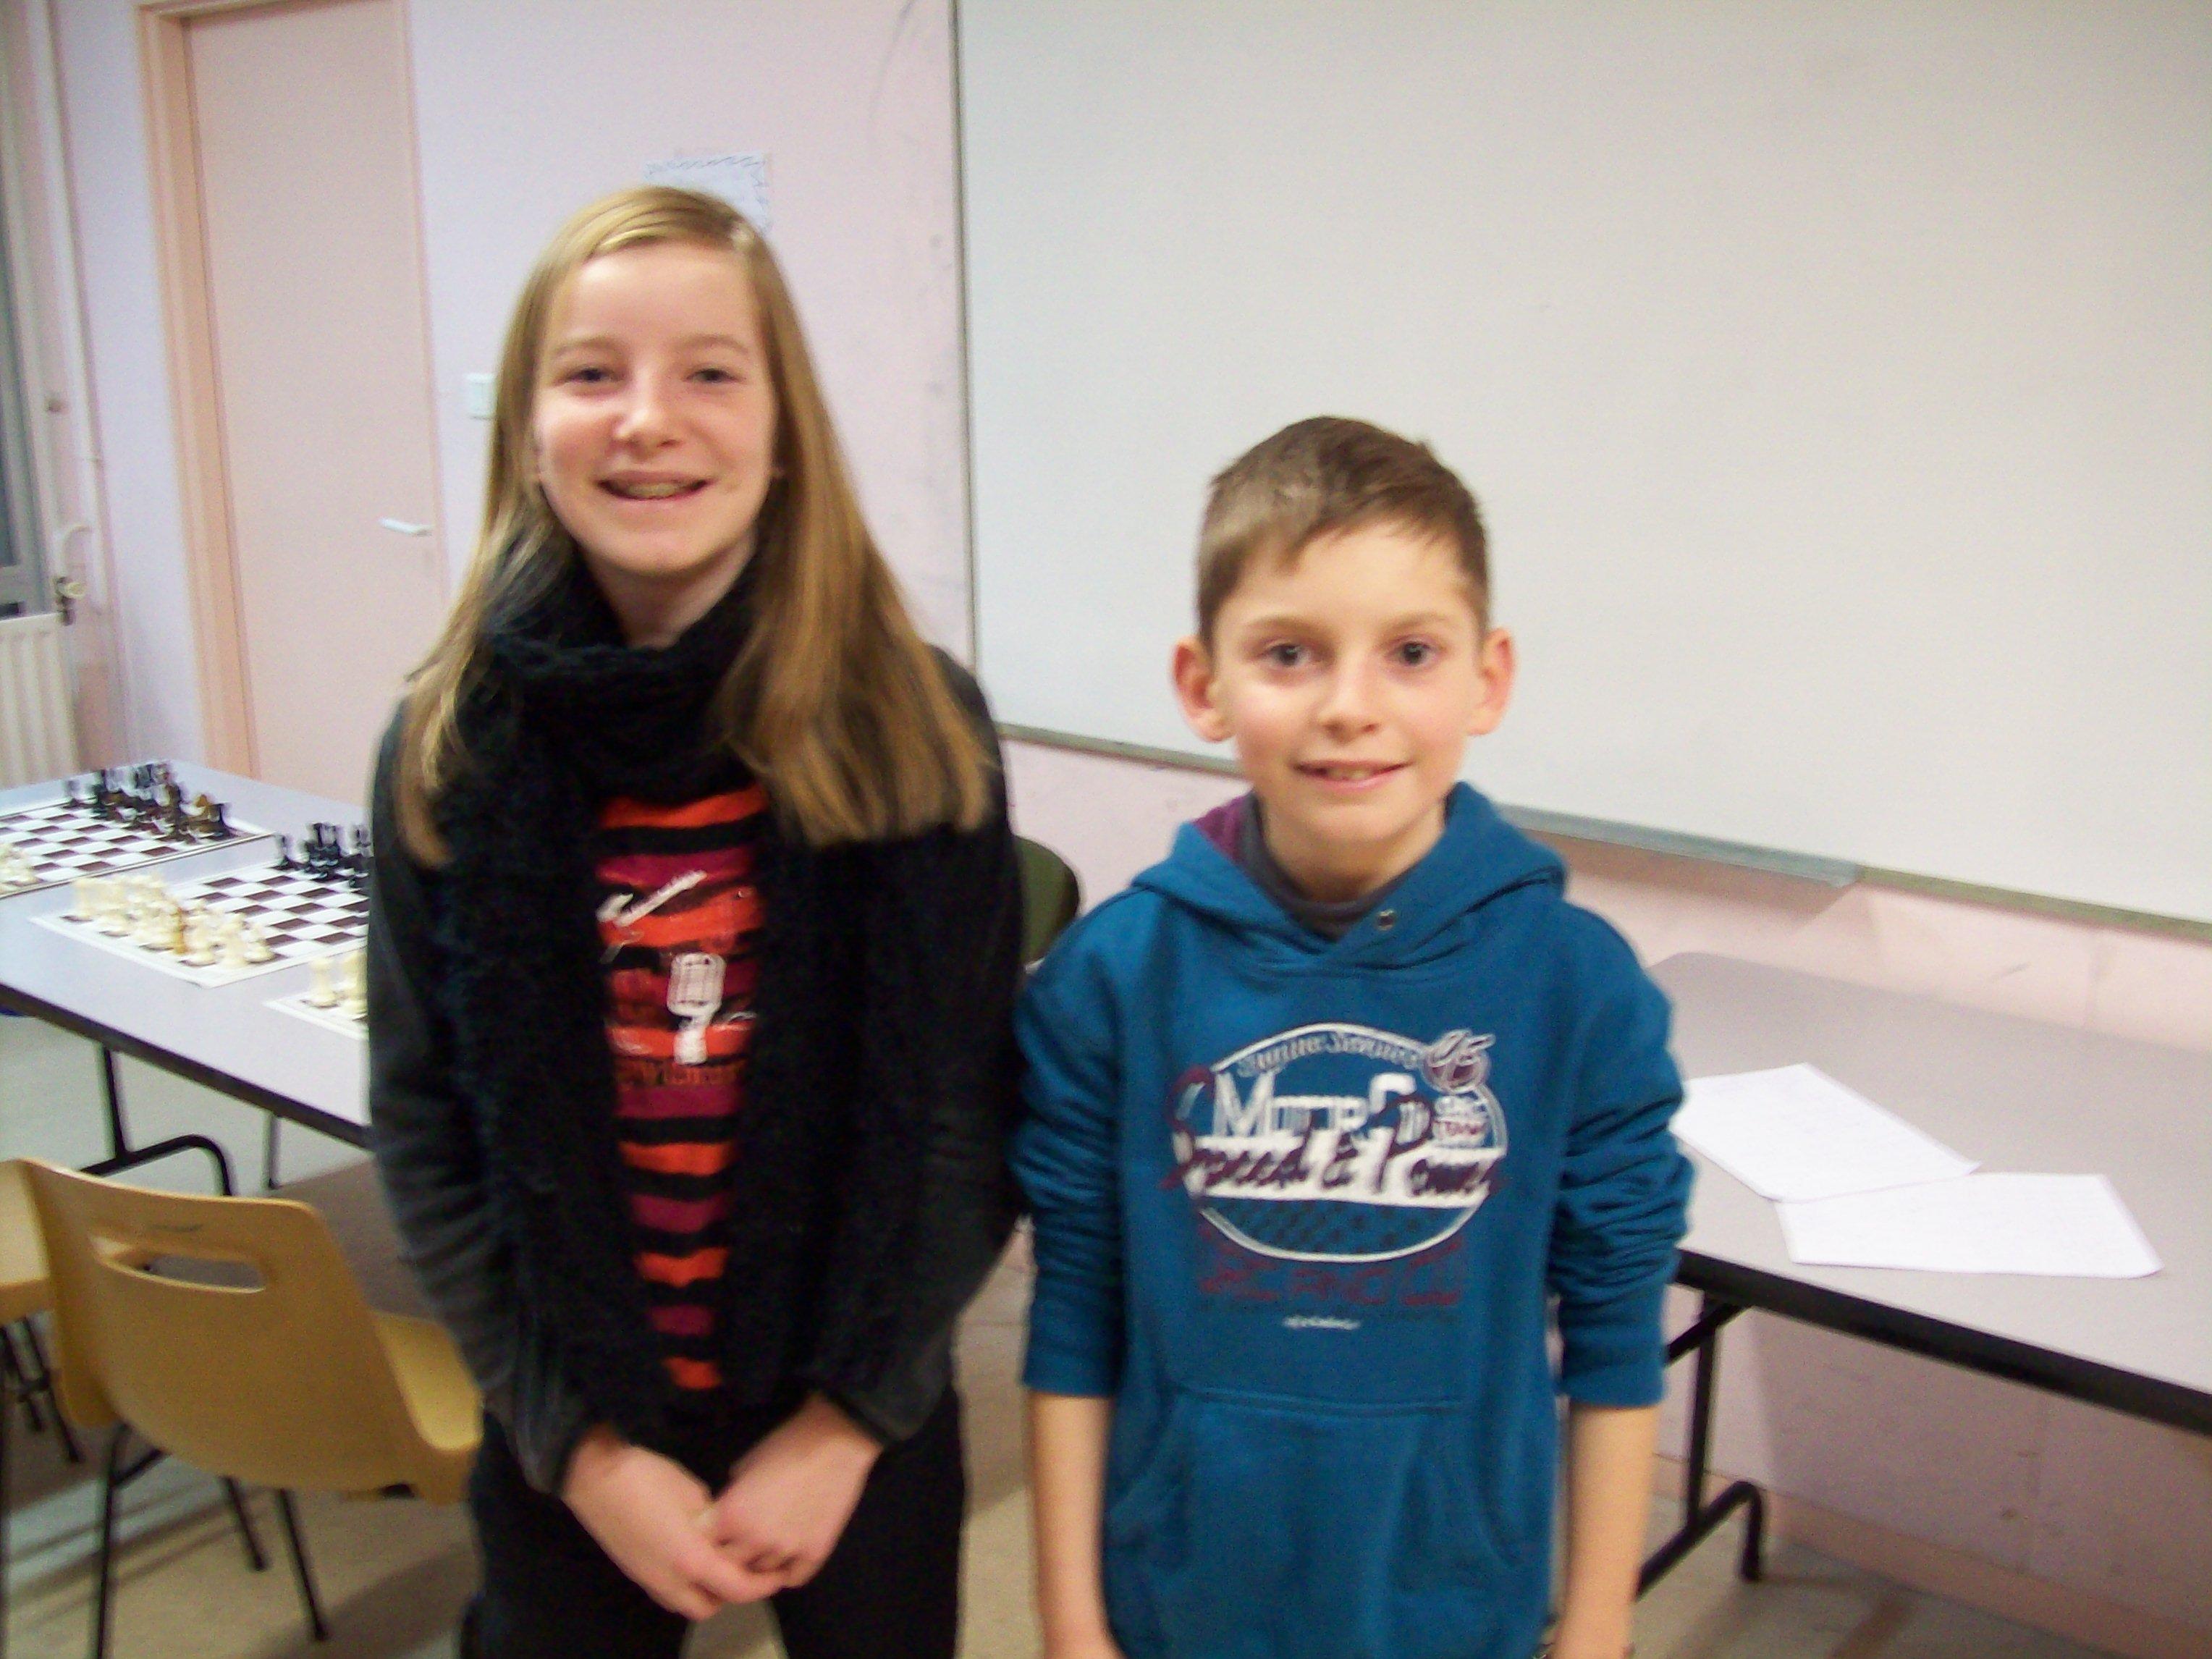 Deux enfants posent pour la photo